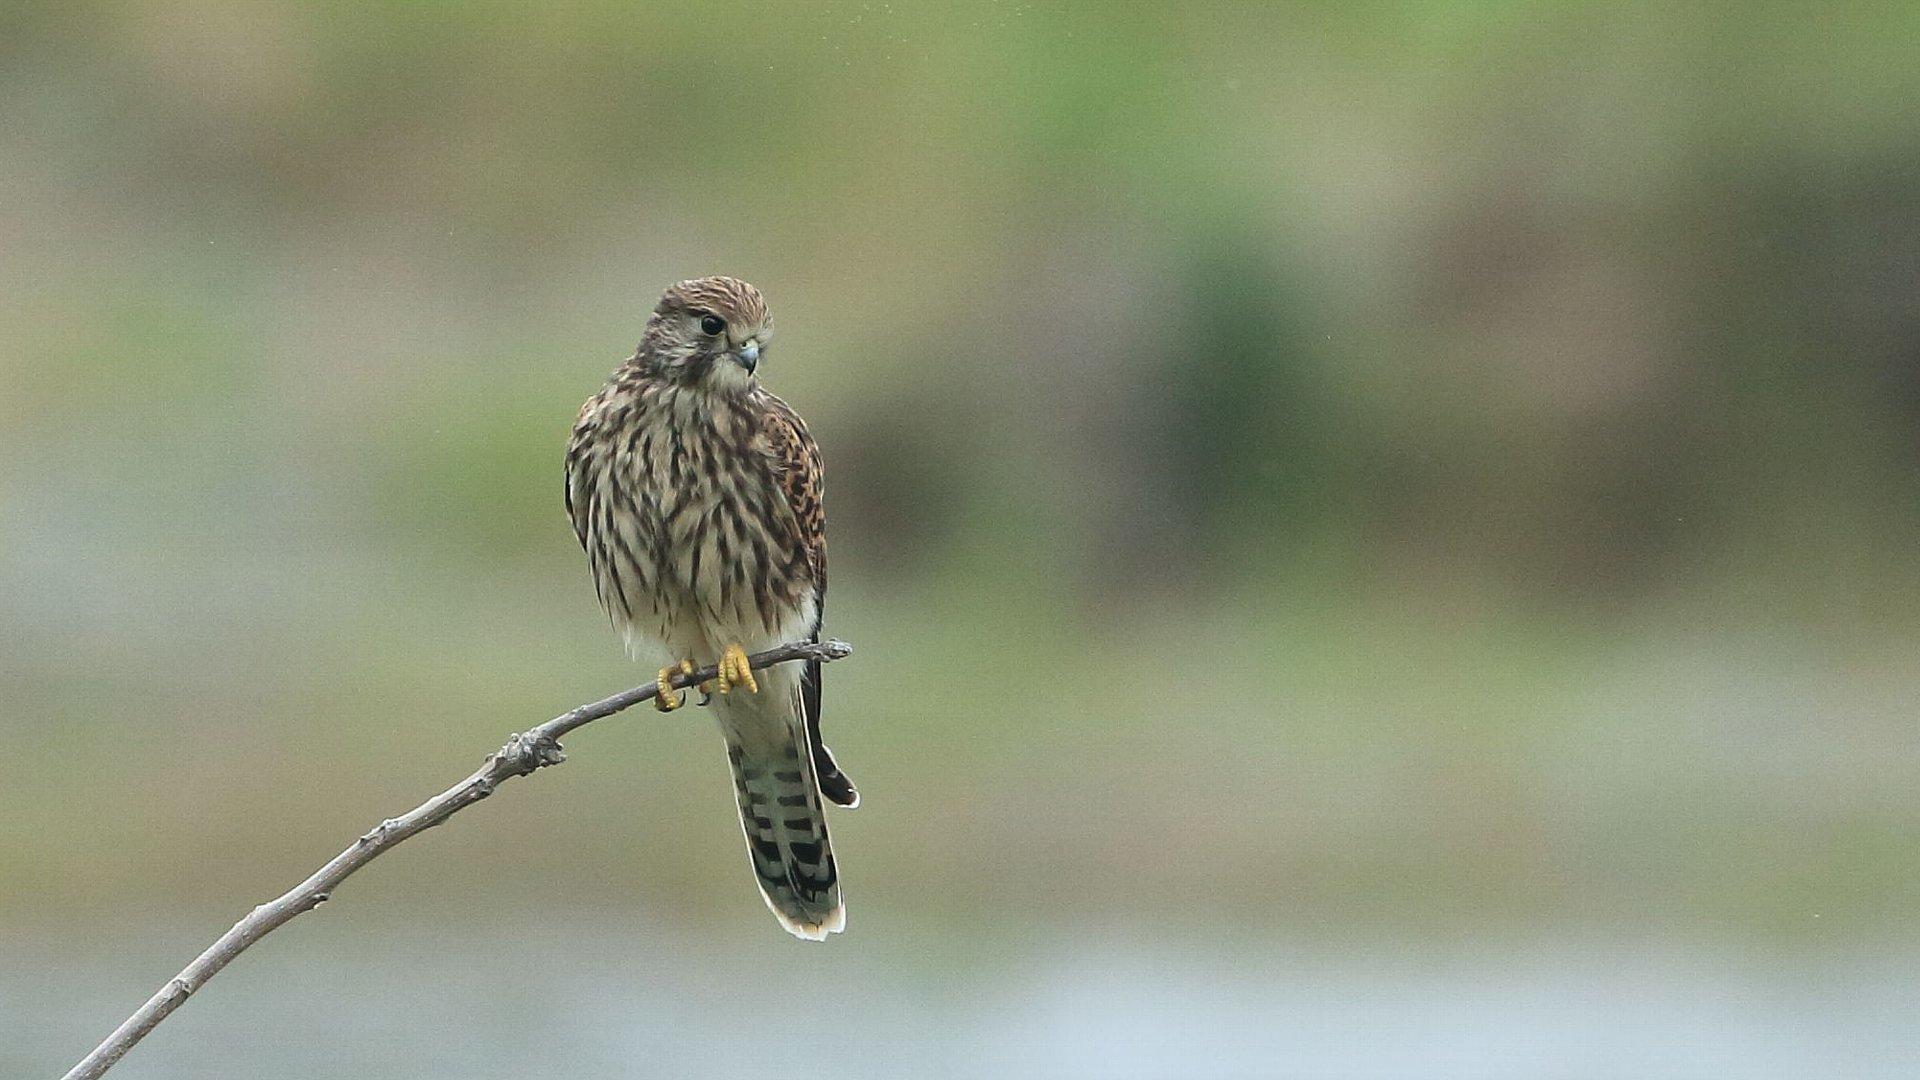 チョウゲンボウ幼鳥が理想的な場所に止まってた!_f0105570_21035603.jpg